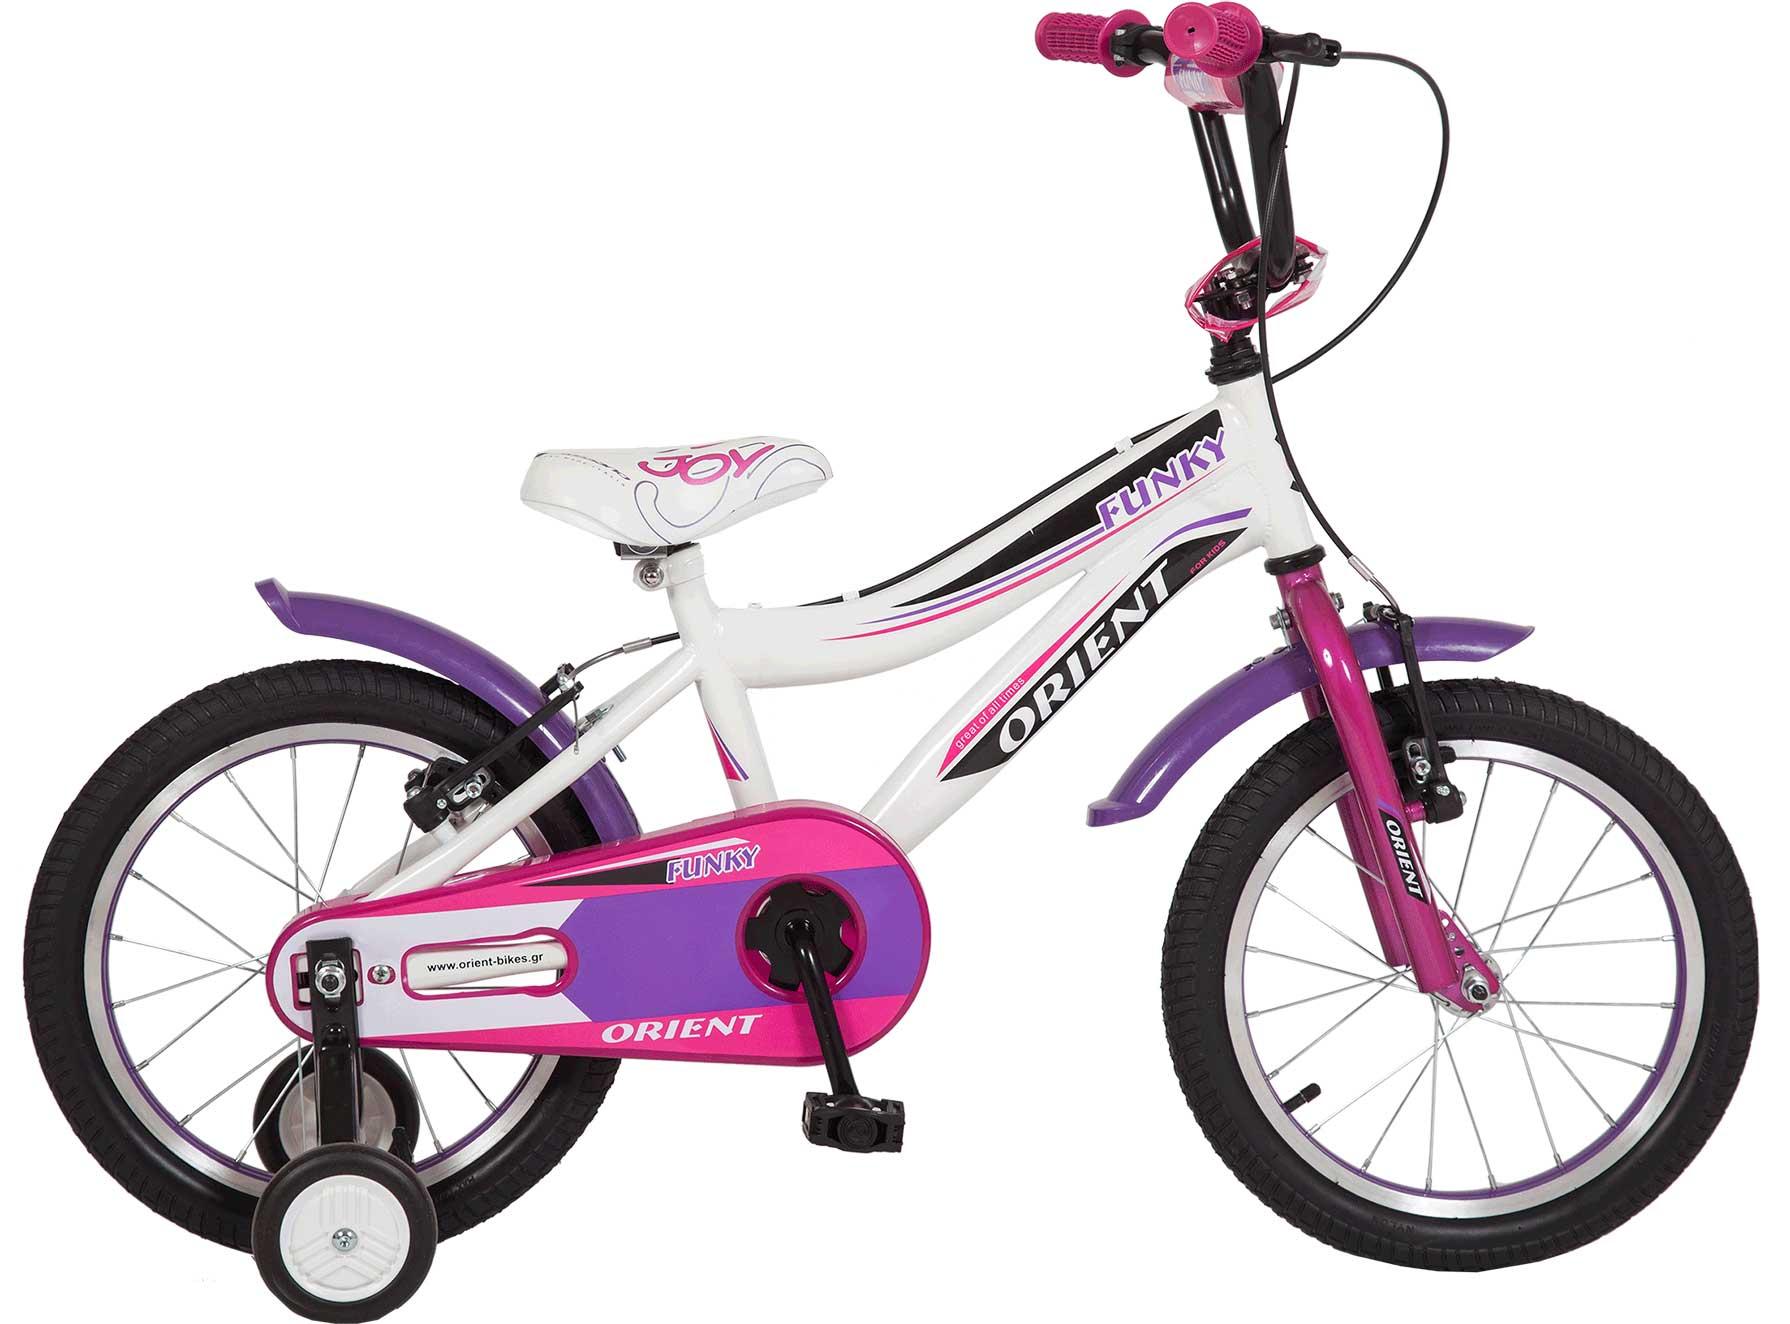 FUNKY 20″ bike image